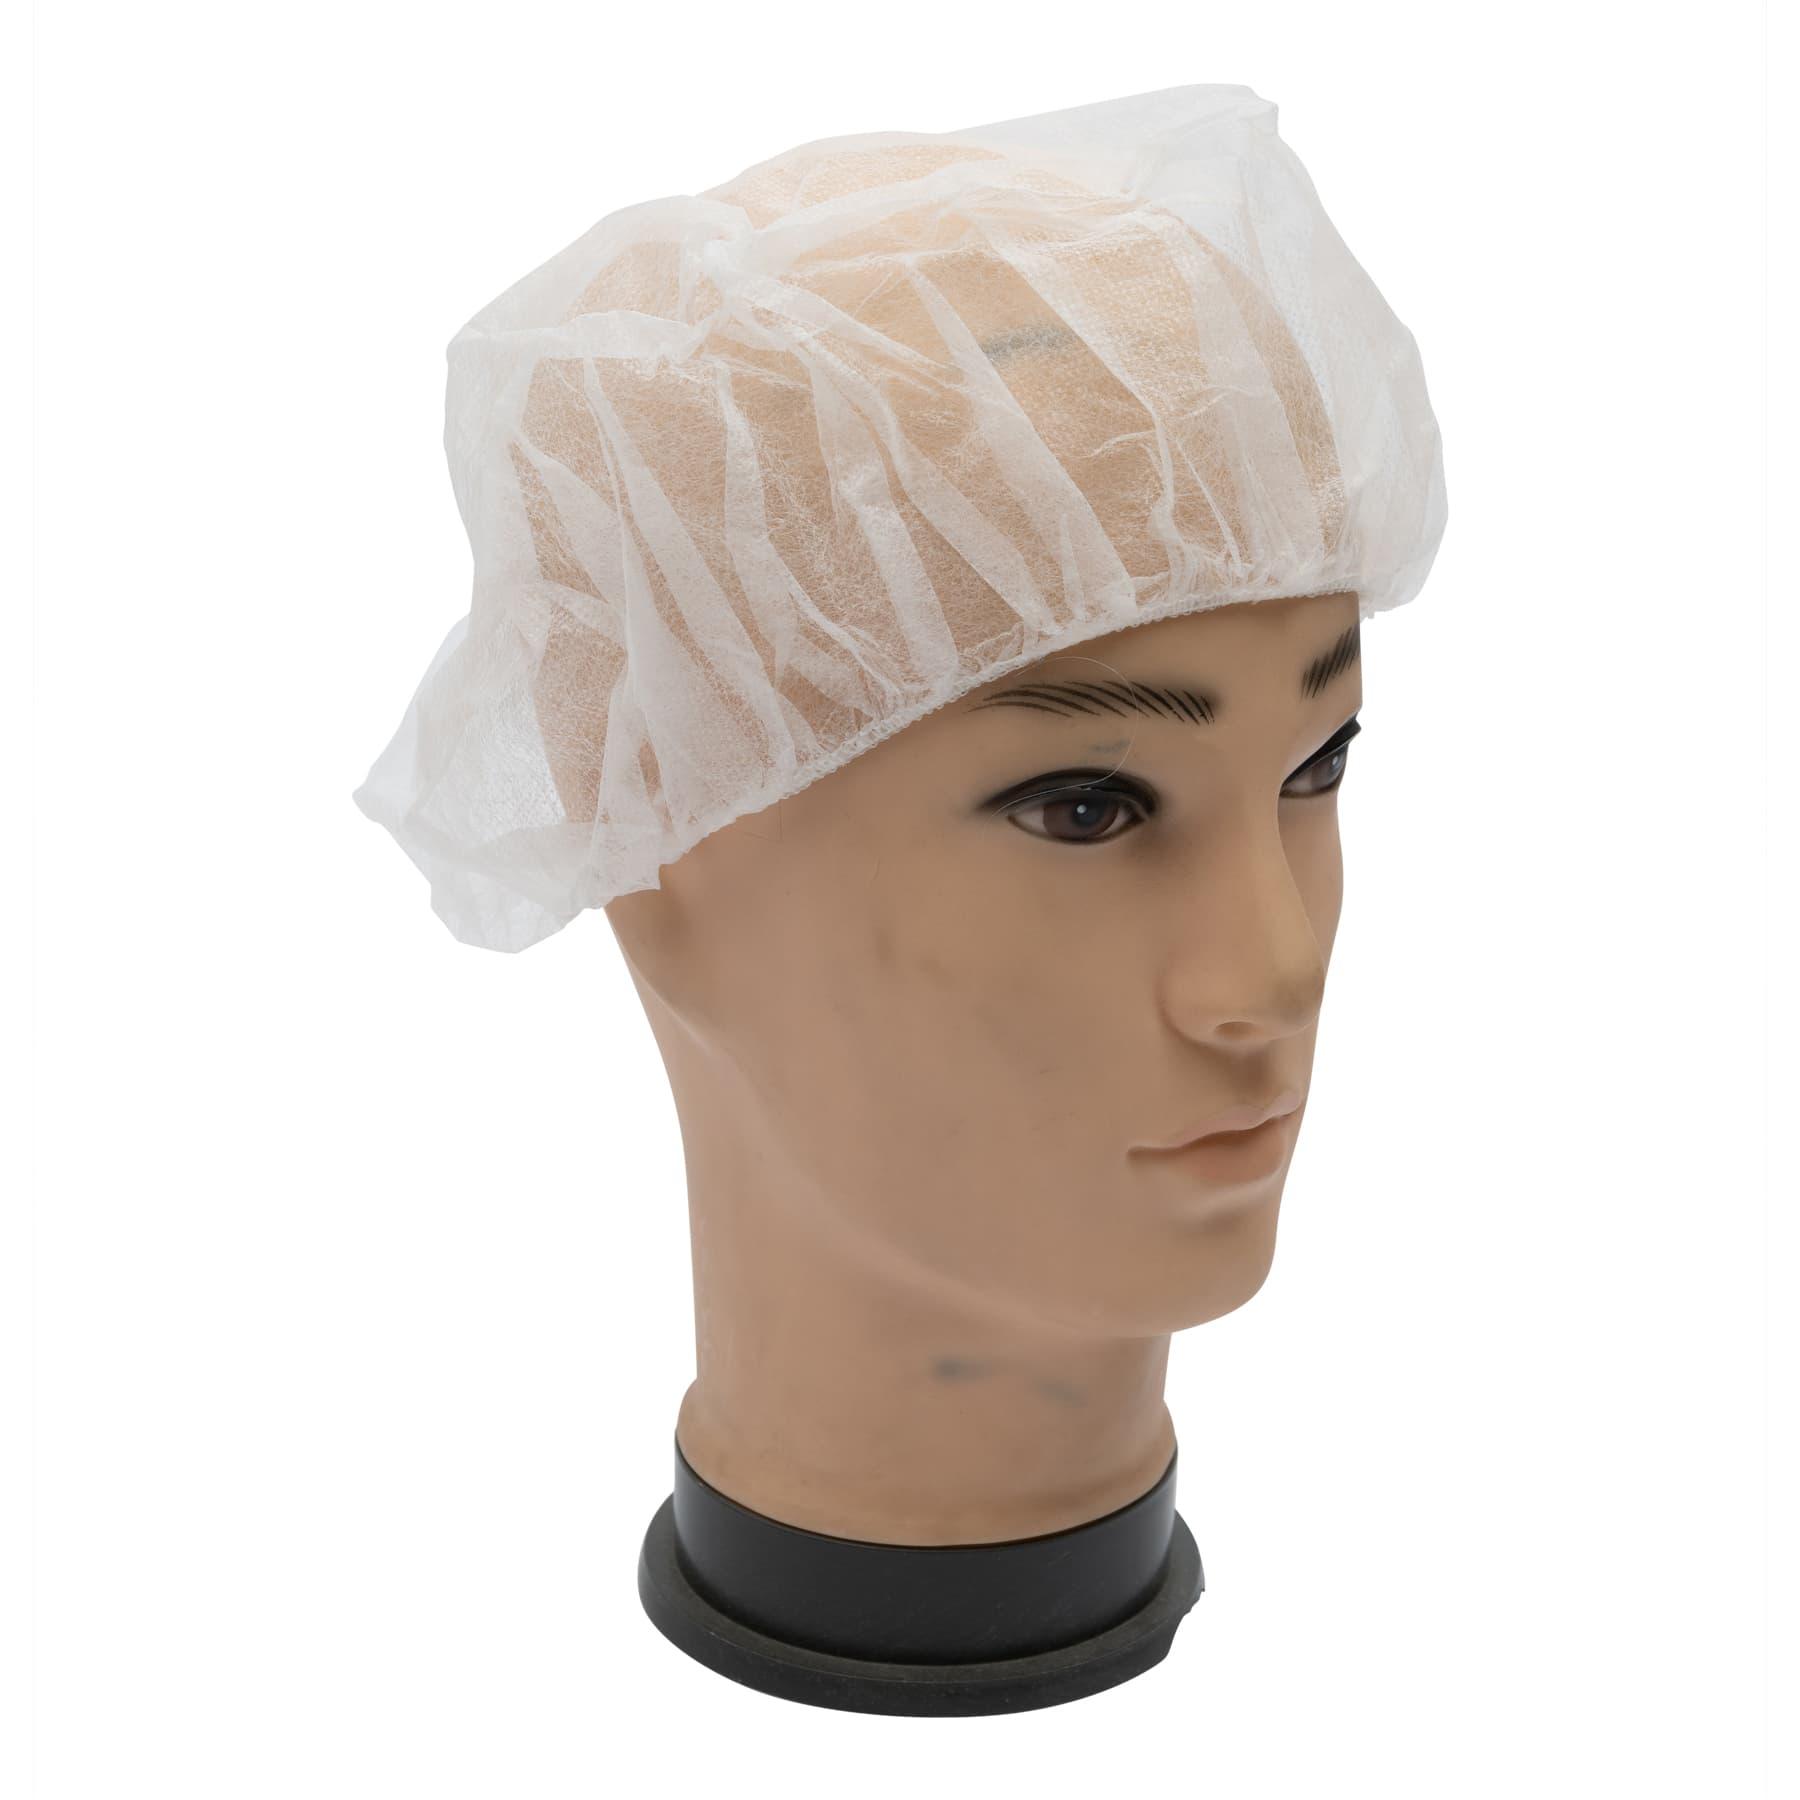 Kopfhaube (Haarschutz) 10 Stück zur besseren Hygiene bei der Honigverarbeitung, weiß 60 cm,